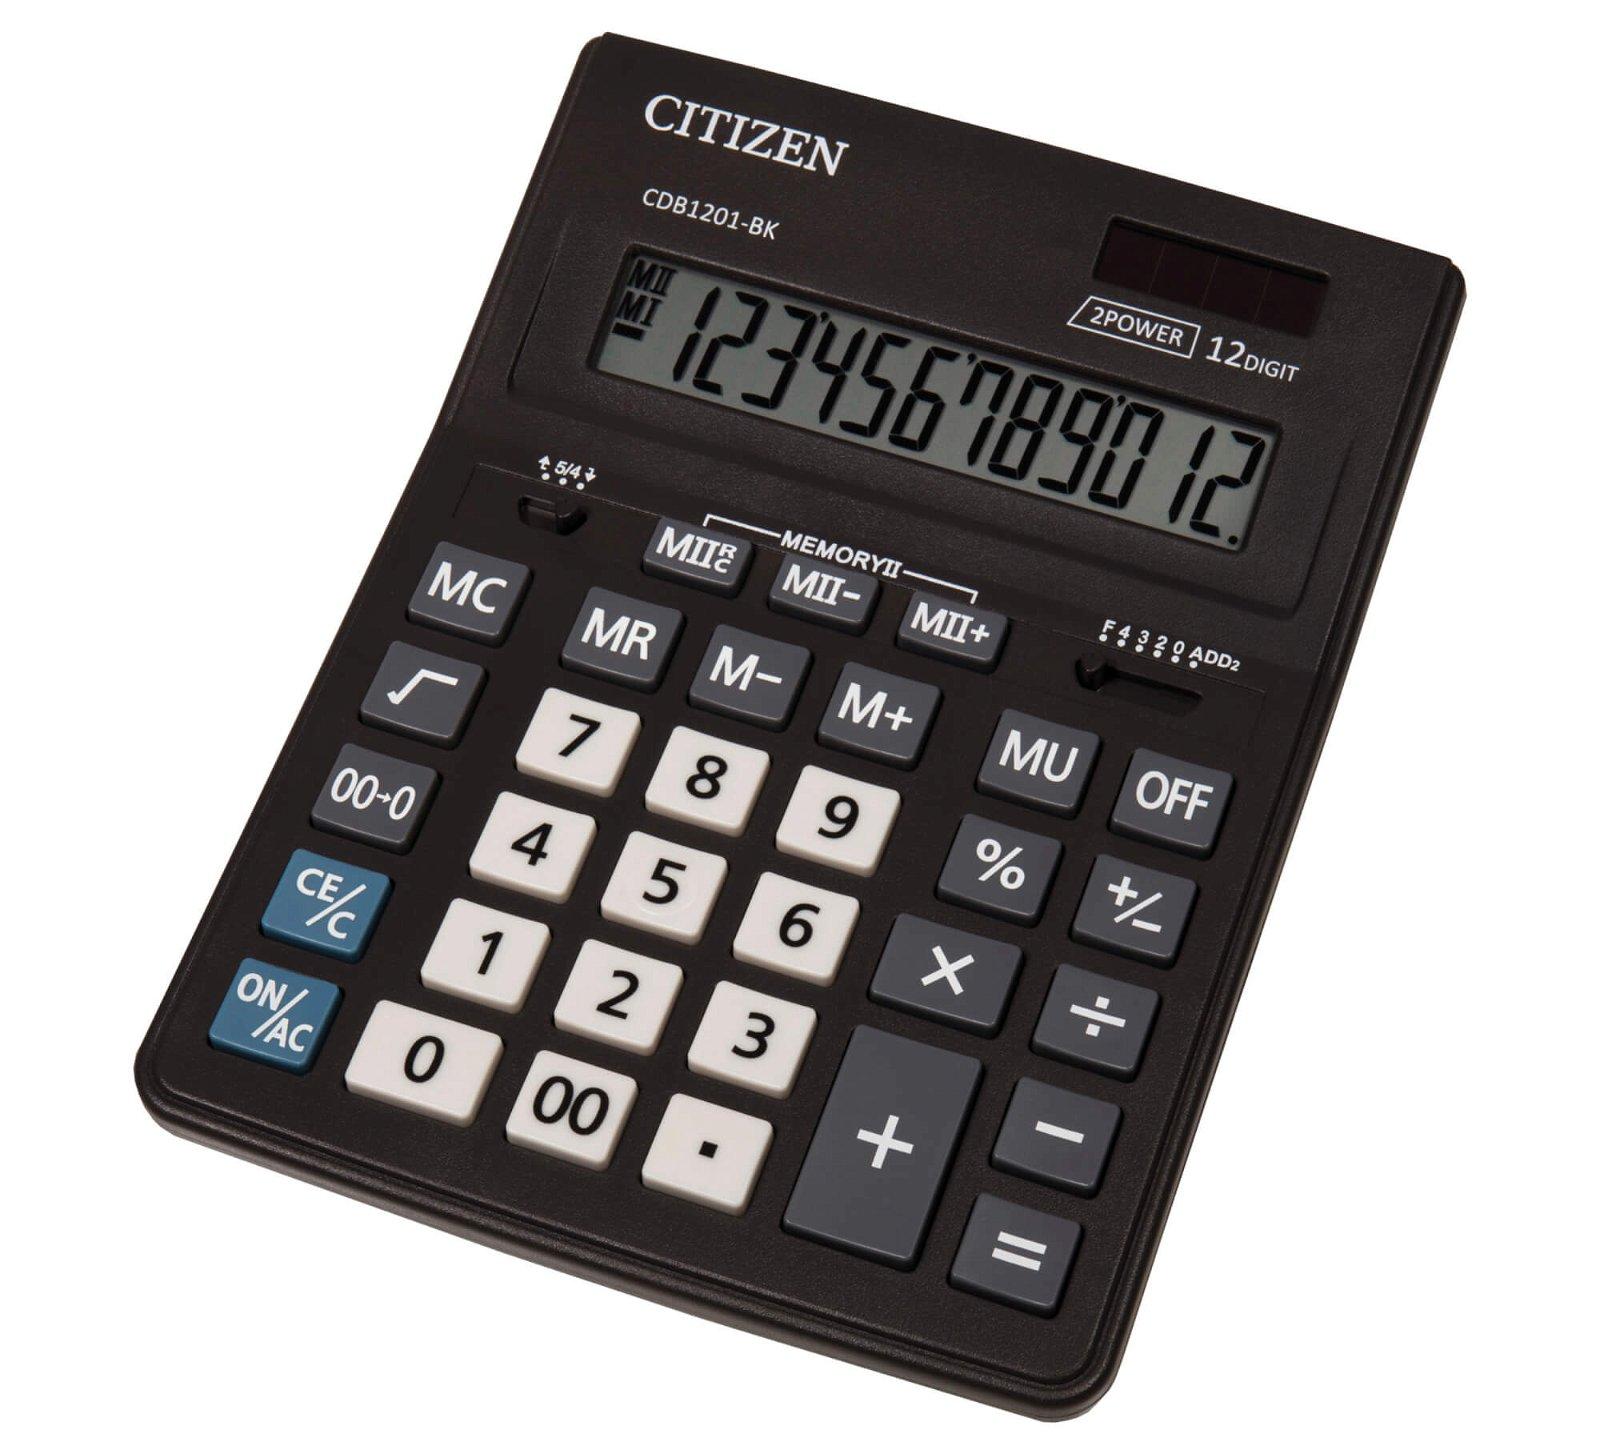 Tischrechner CDB1201-BK